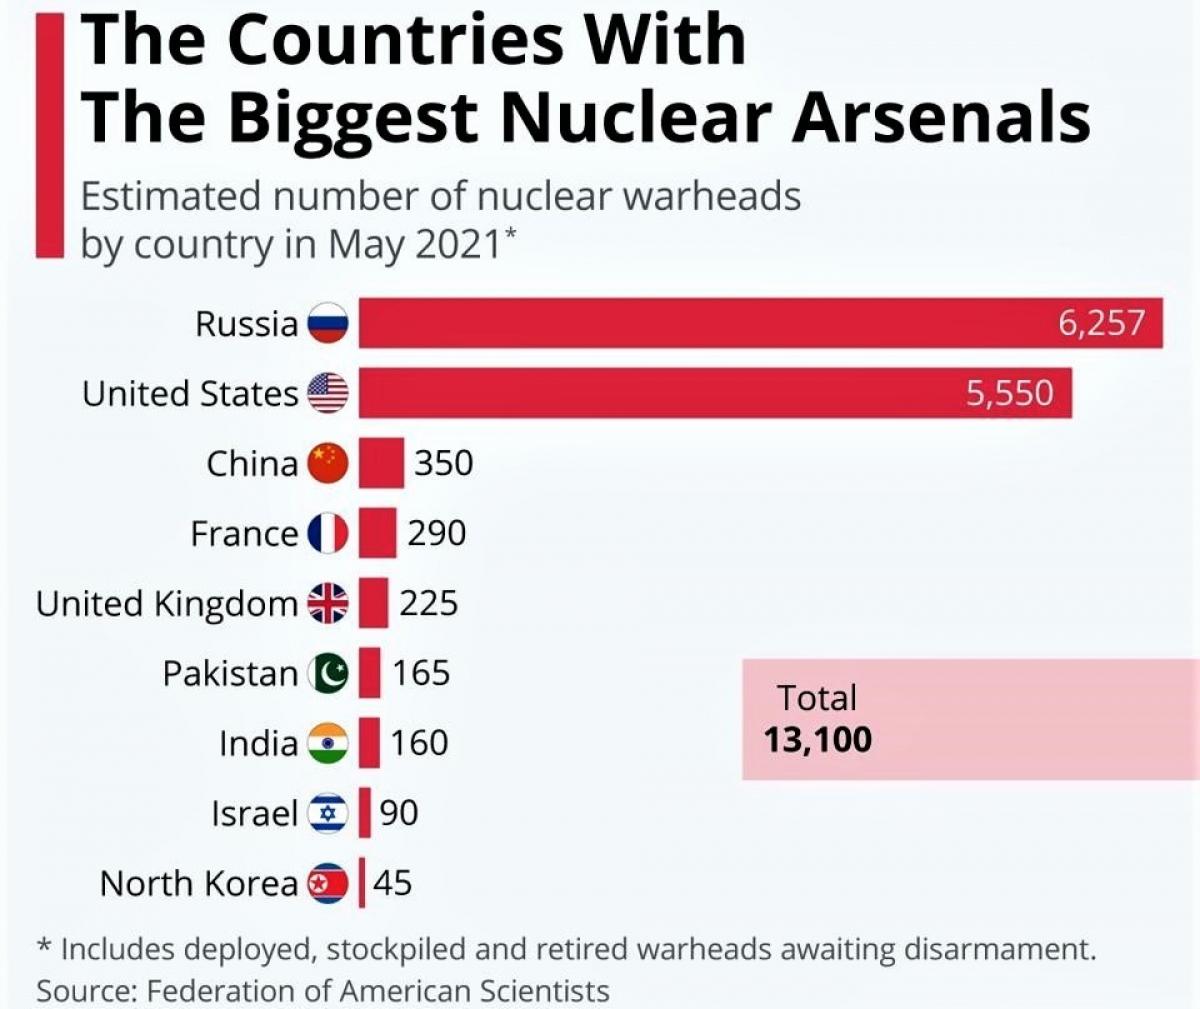 Số lượng vũ khí hạt nhân thế giới được cho sẽ còn tăng đáng kể sau khi Trung quốc hoàn thành các dự án của họ. Nguồn: forbes.com